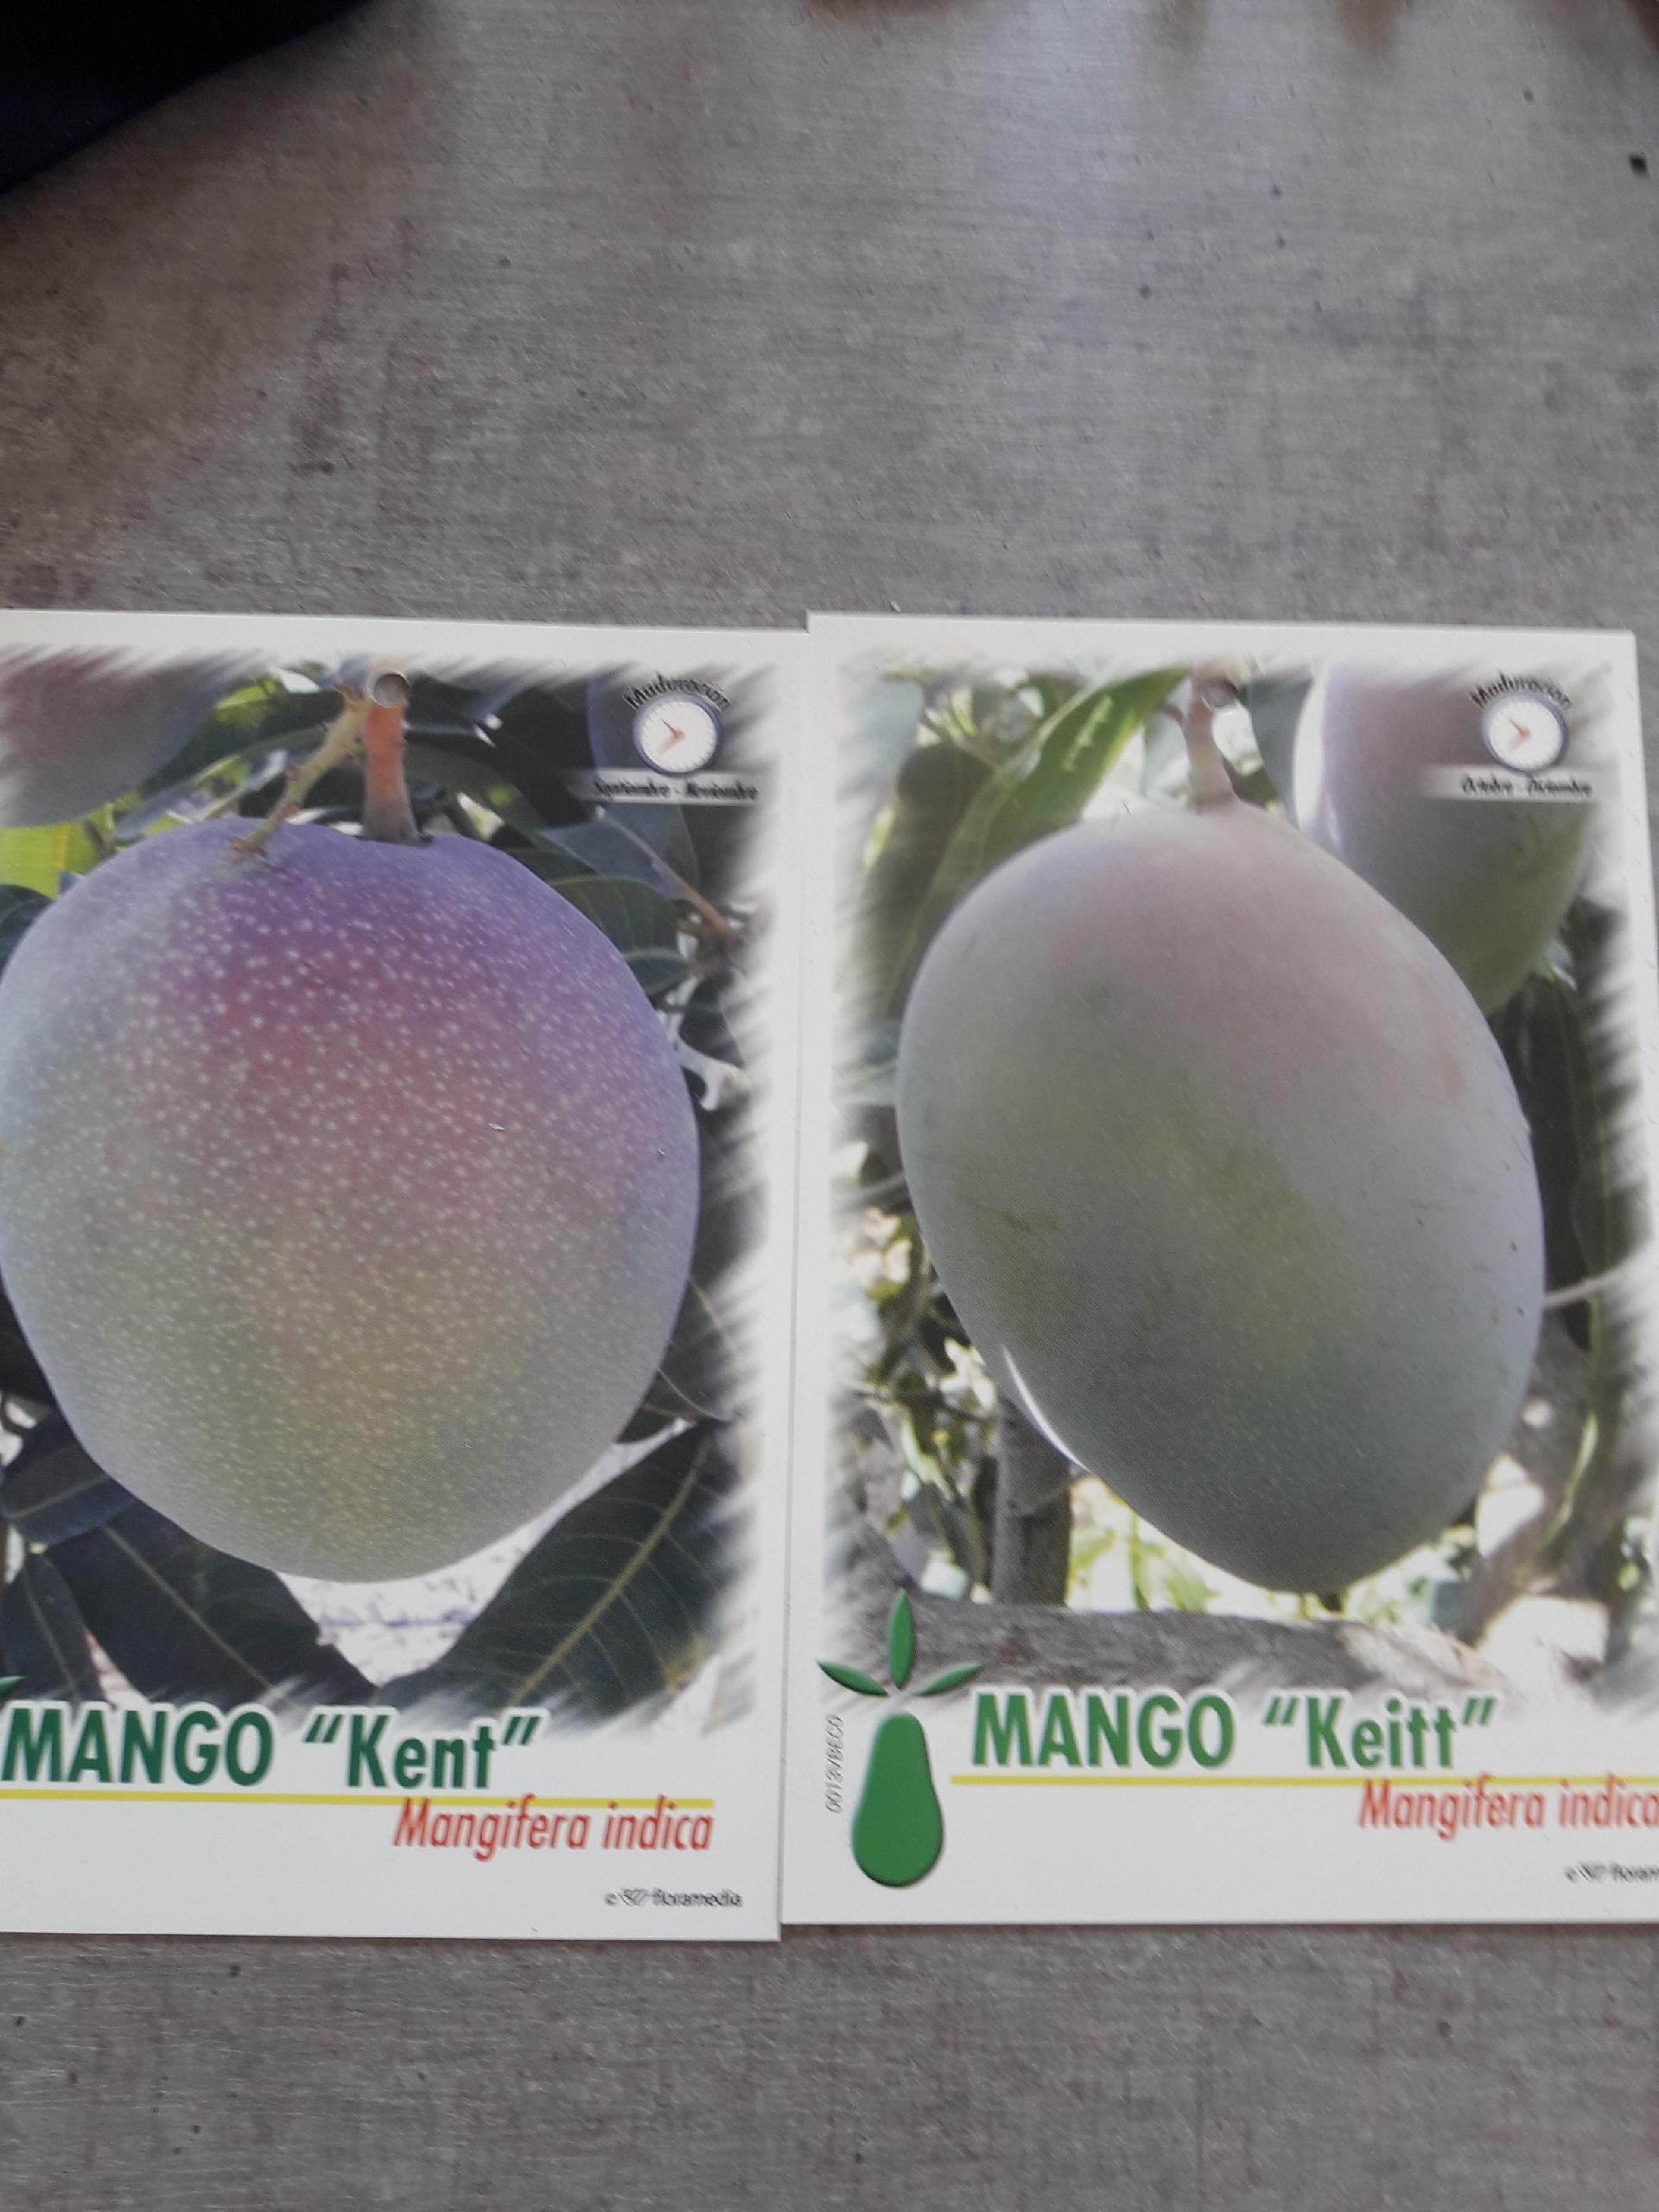 Come Piantare Il Mango mango kent - balestrate (palermo)